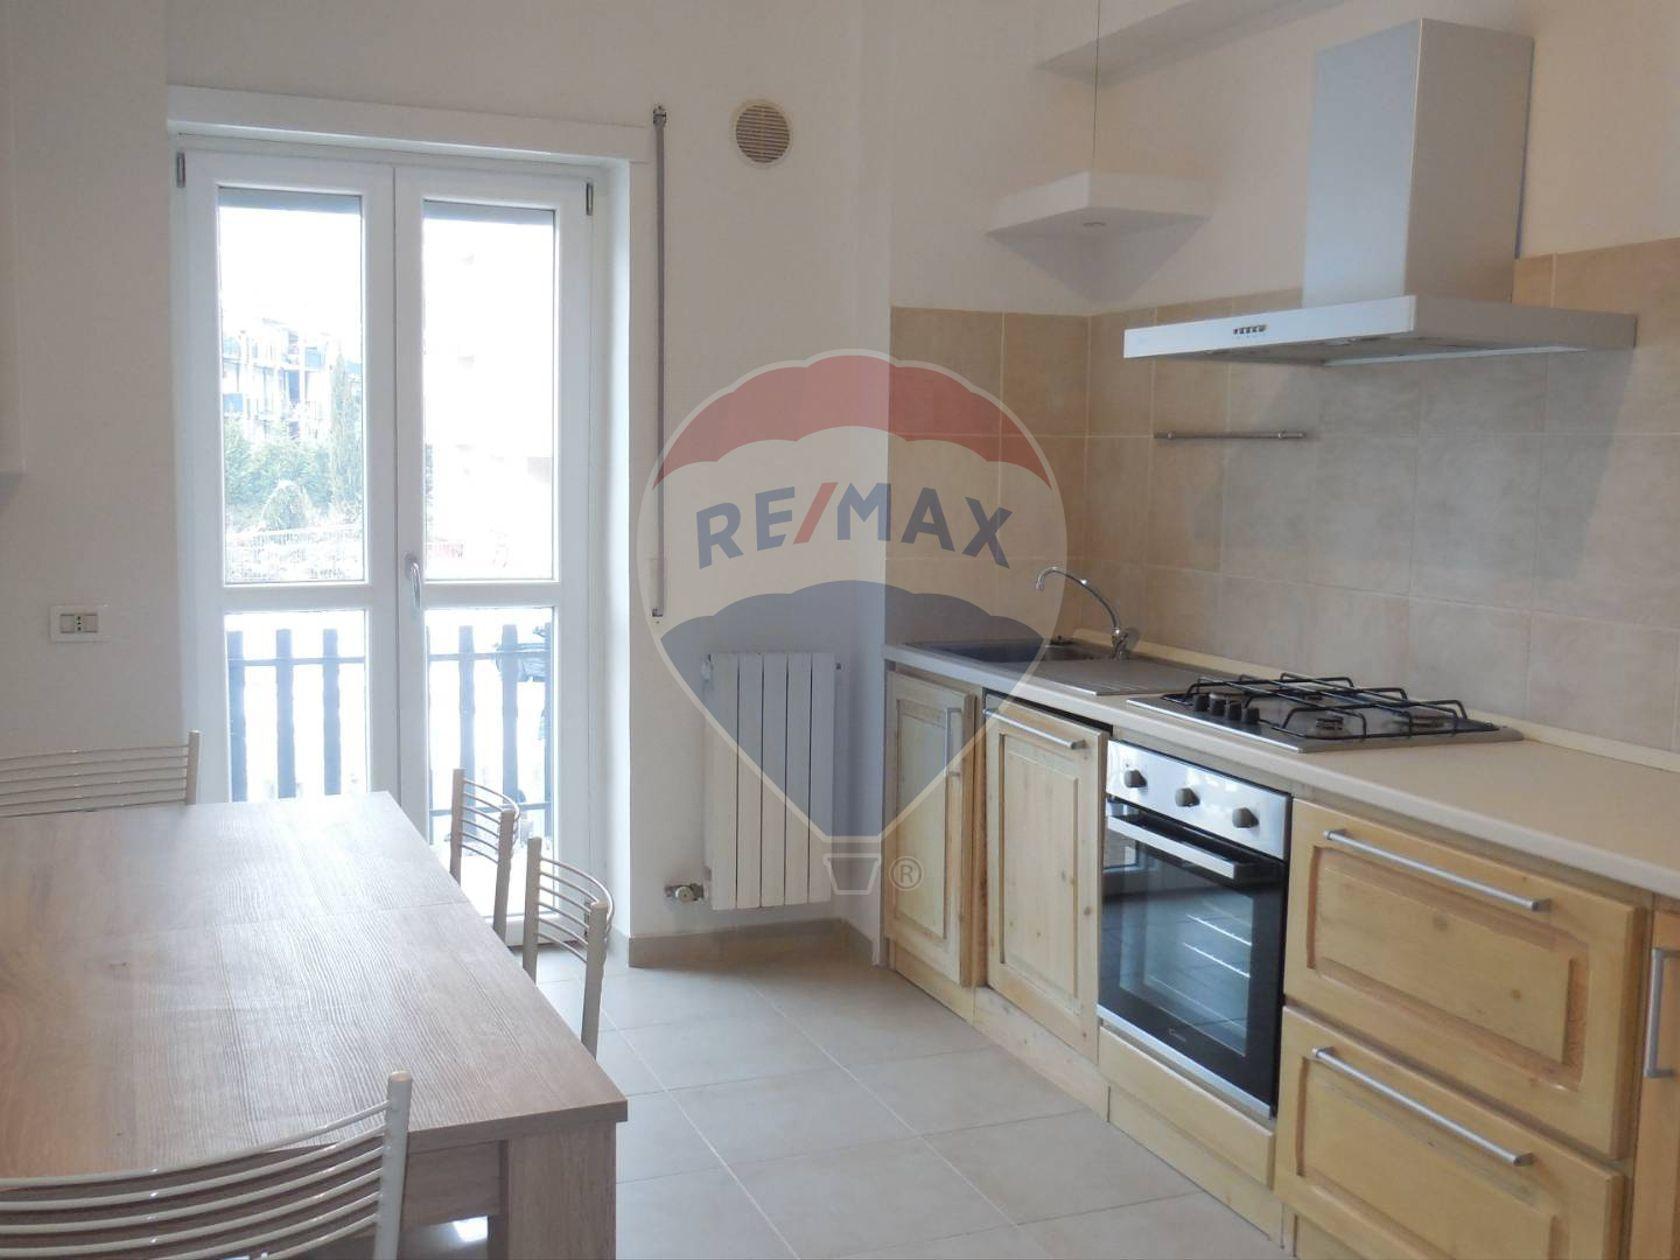 Appartamento L'Aquila, AQ Vendita - Foto 2